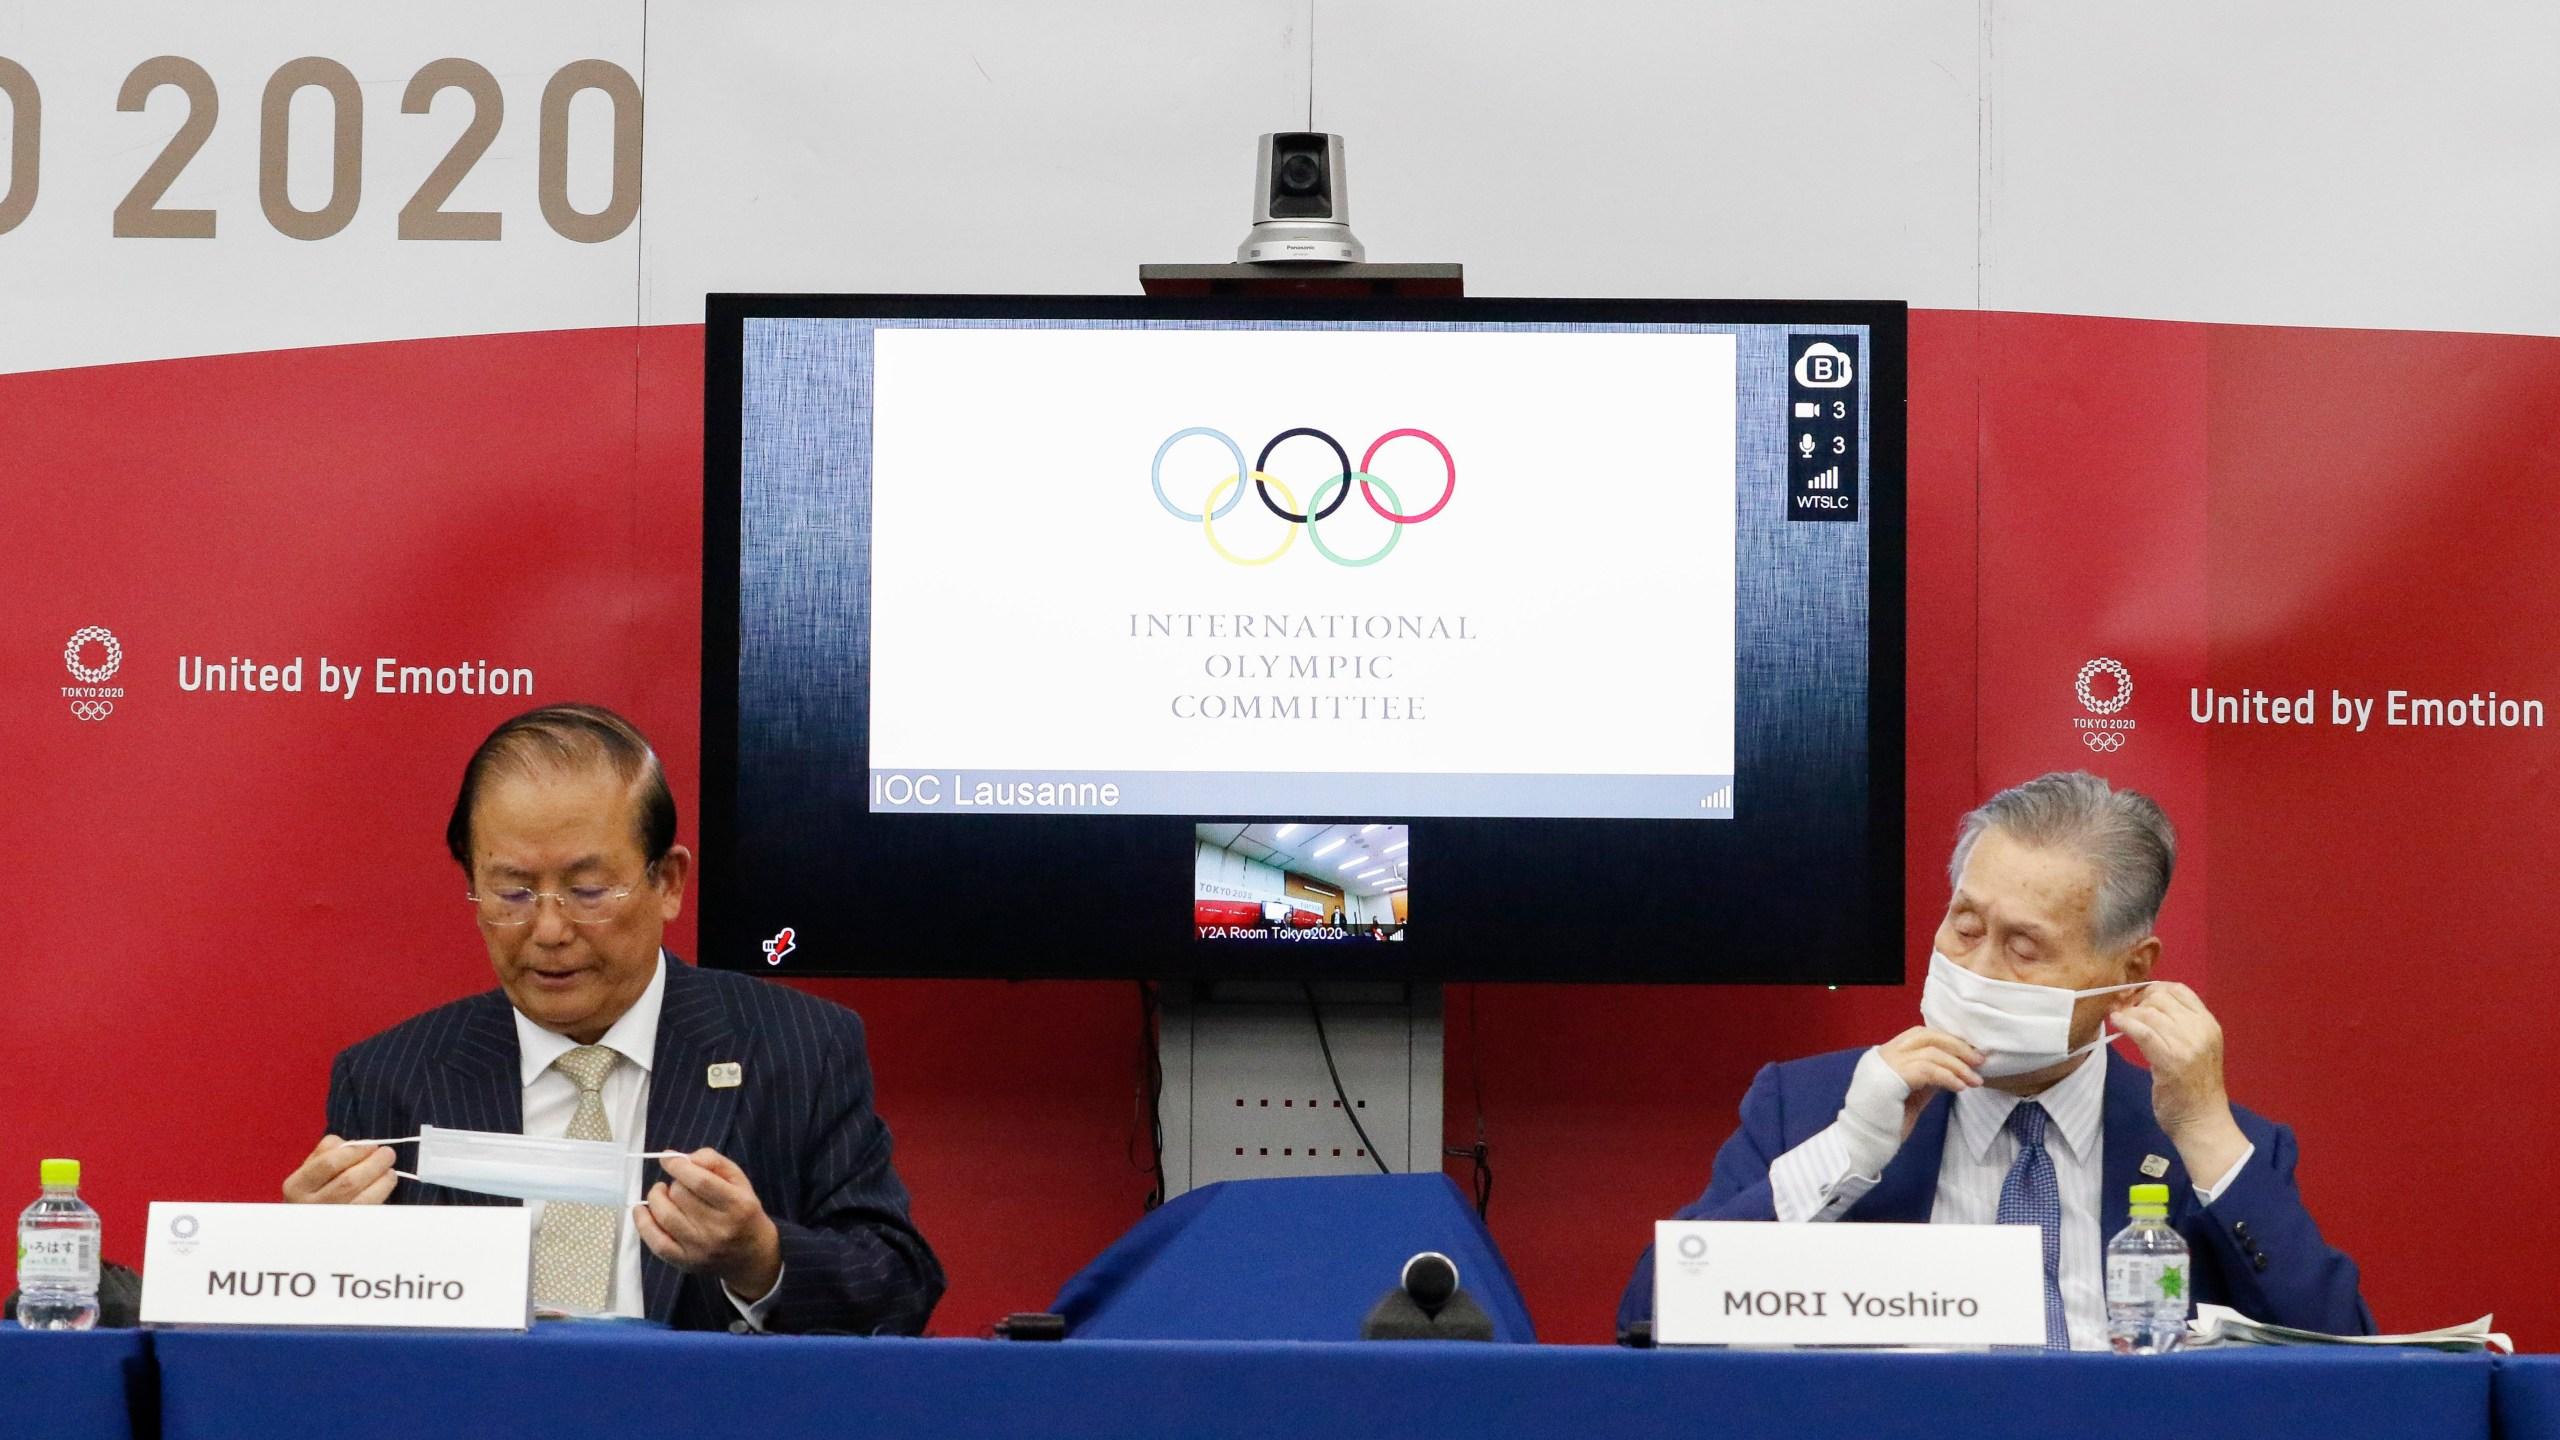 Toshiro Muto, Yoshiro Mori